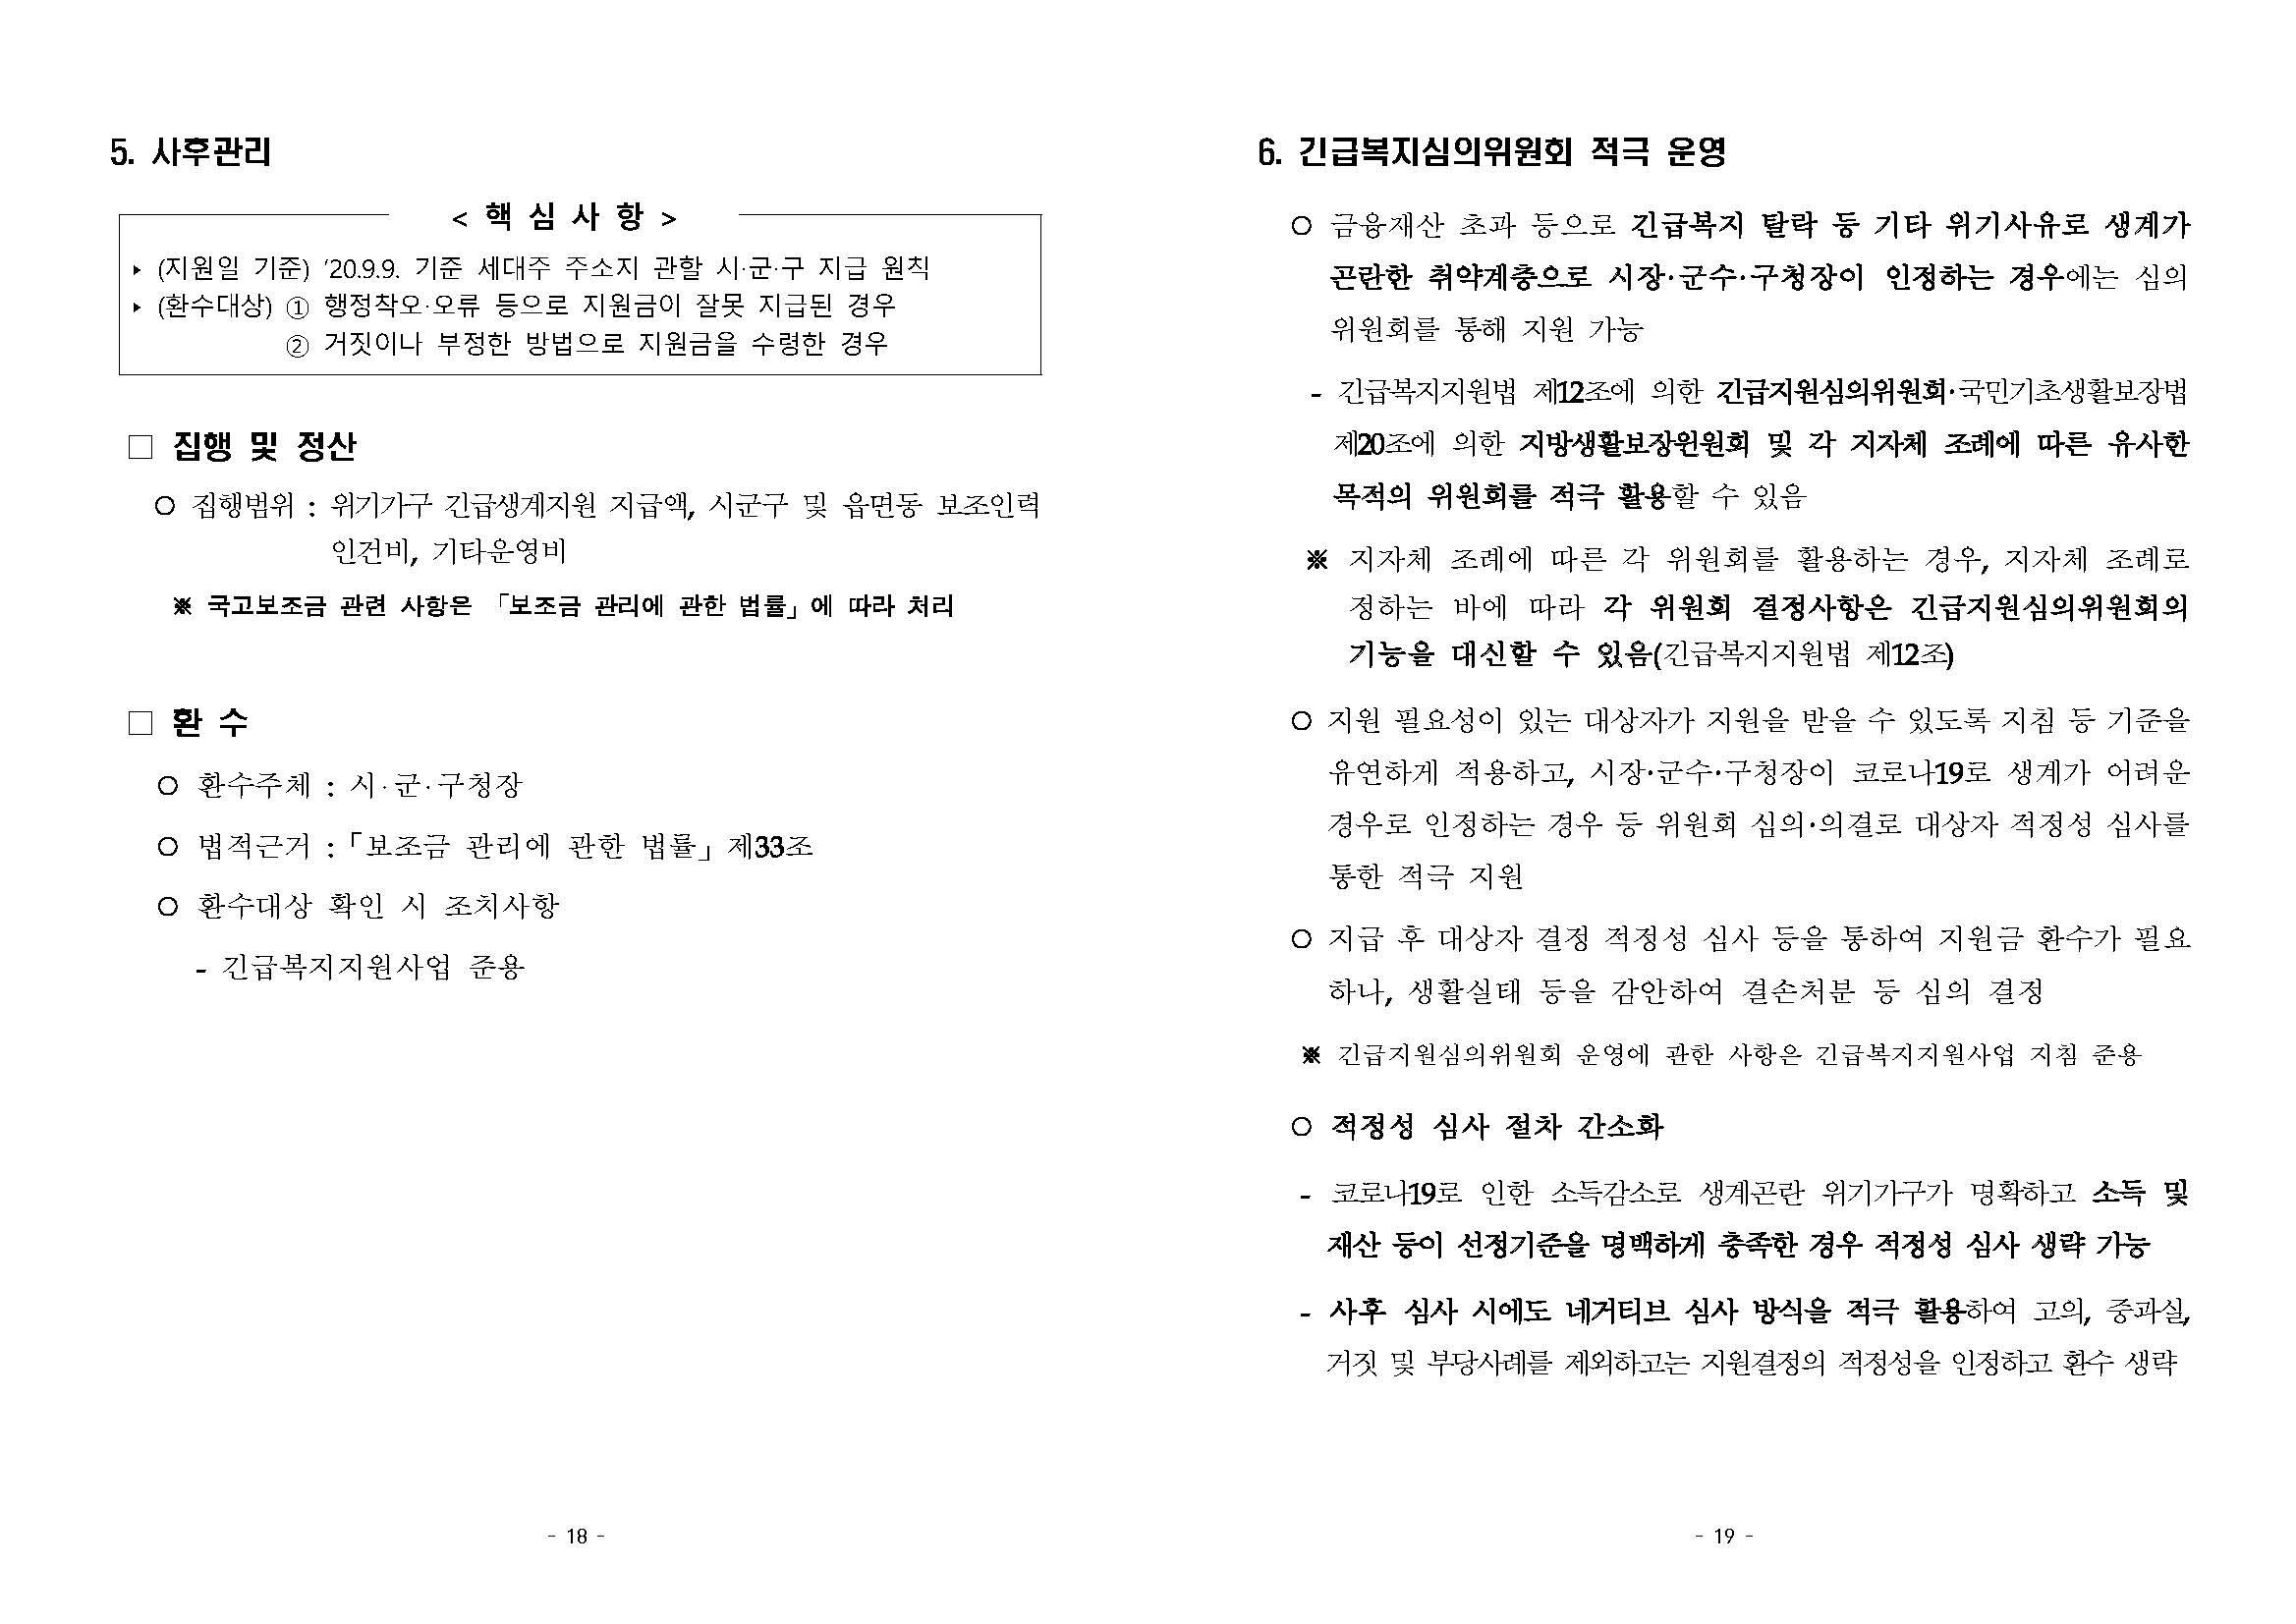 20.10.26_위기가구 긴급 생계지원 사업[변경]_페이지_12.jpg